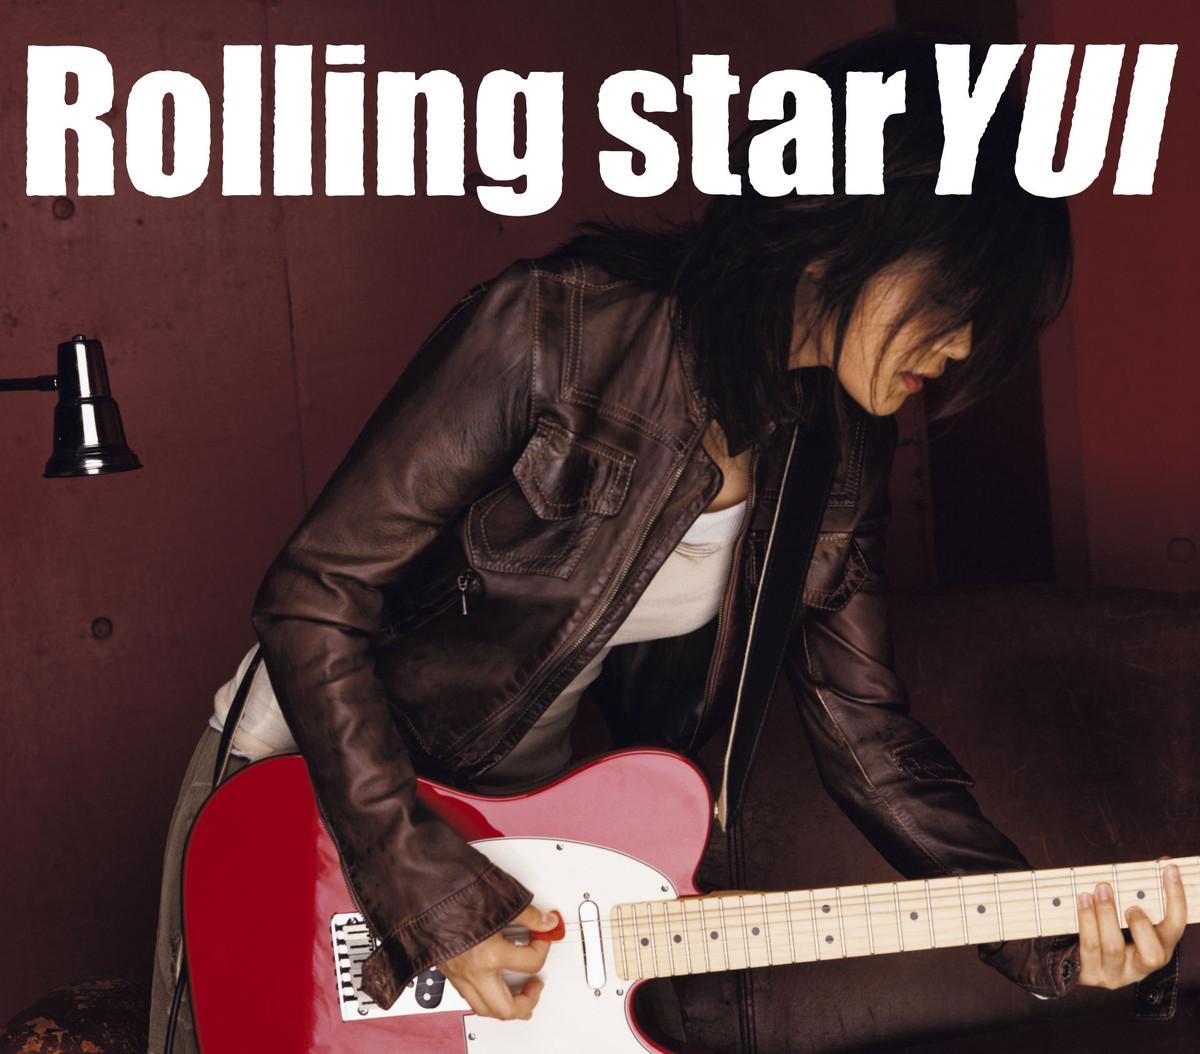 YUIの『Rolling star』の高画質ジャケット画像